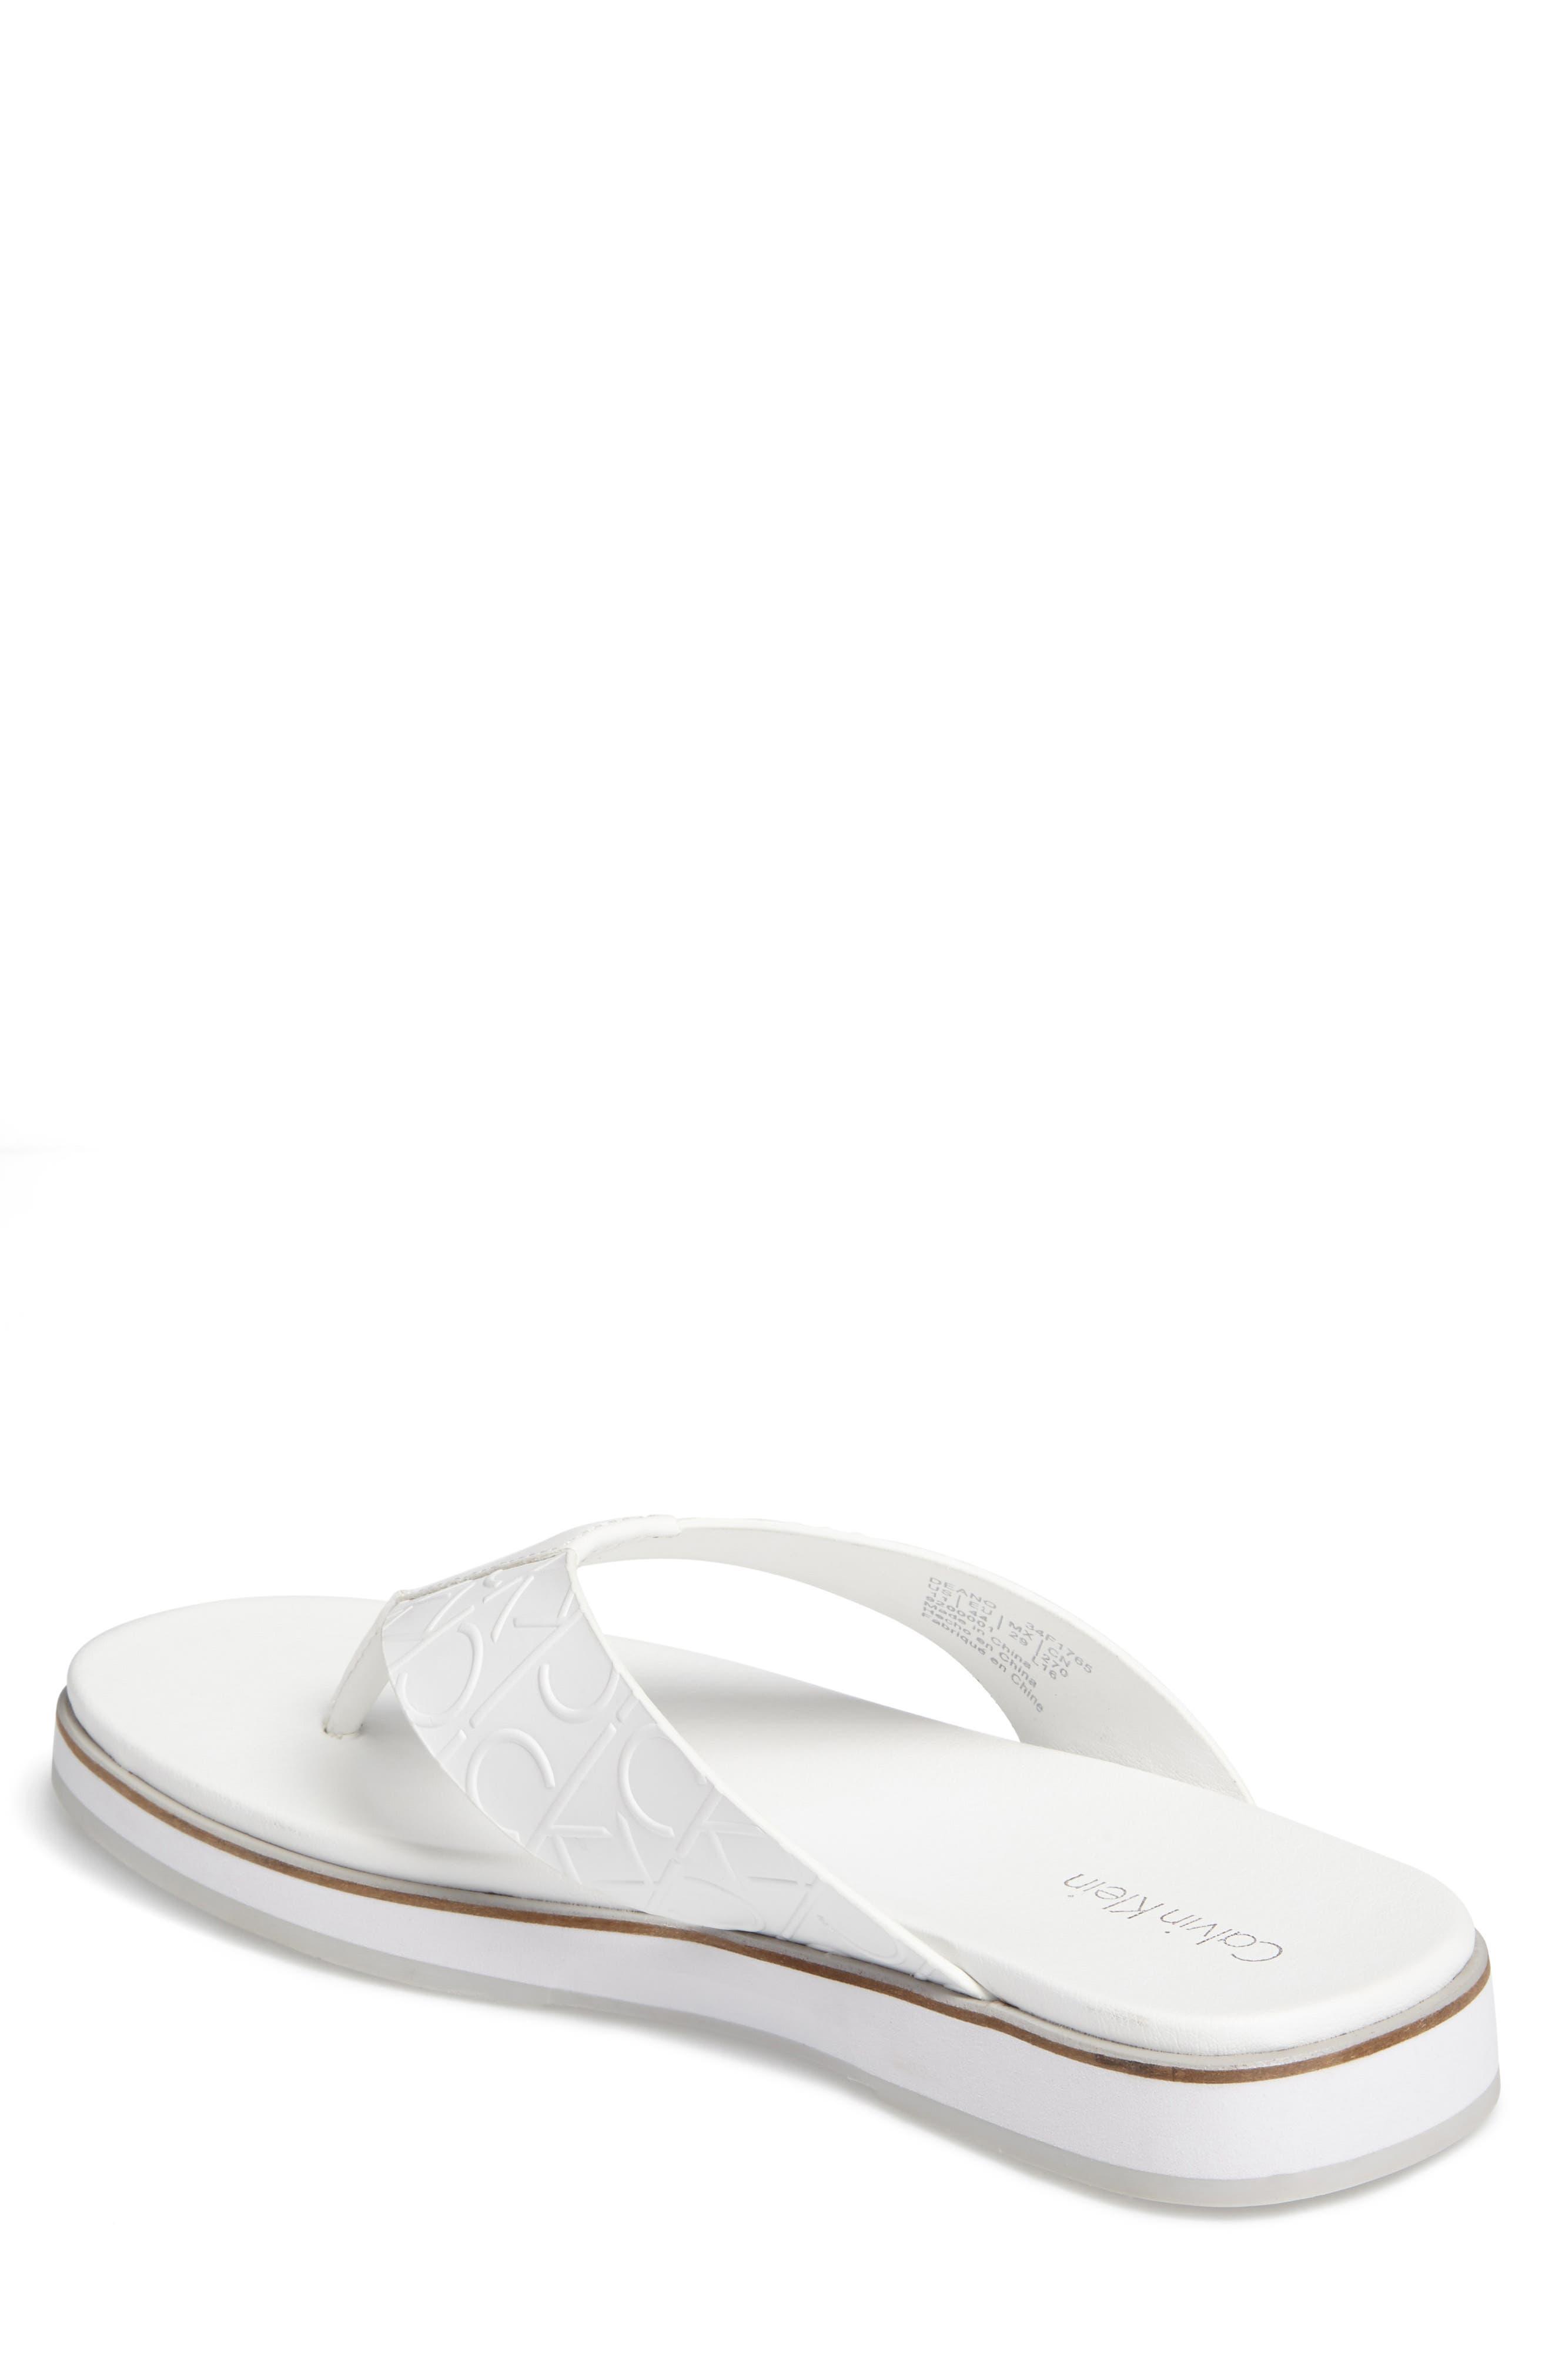 Alternate Image 2  - Calvin Klein Deano Flip Flop (Men)